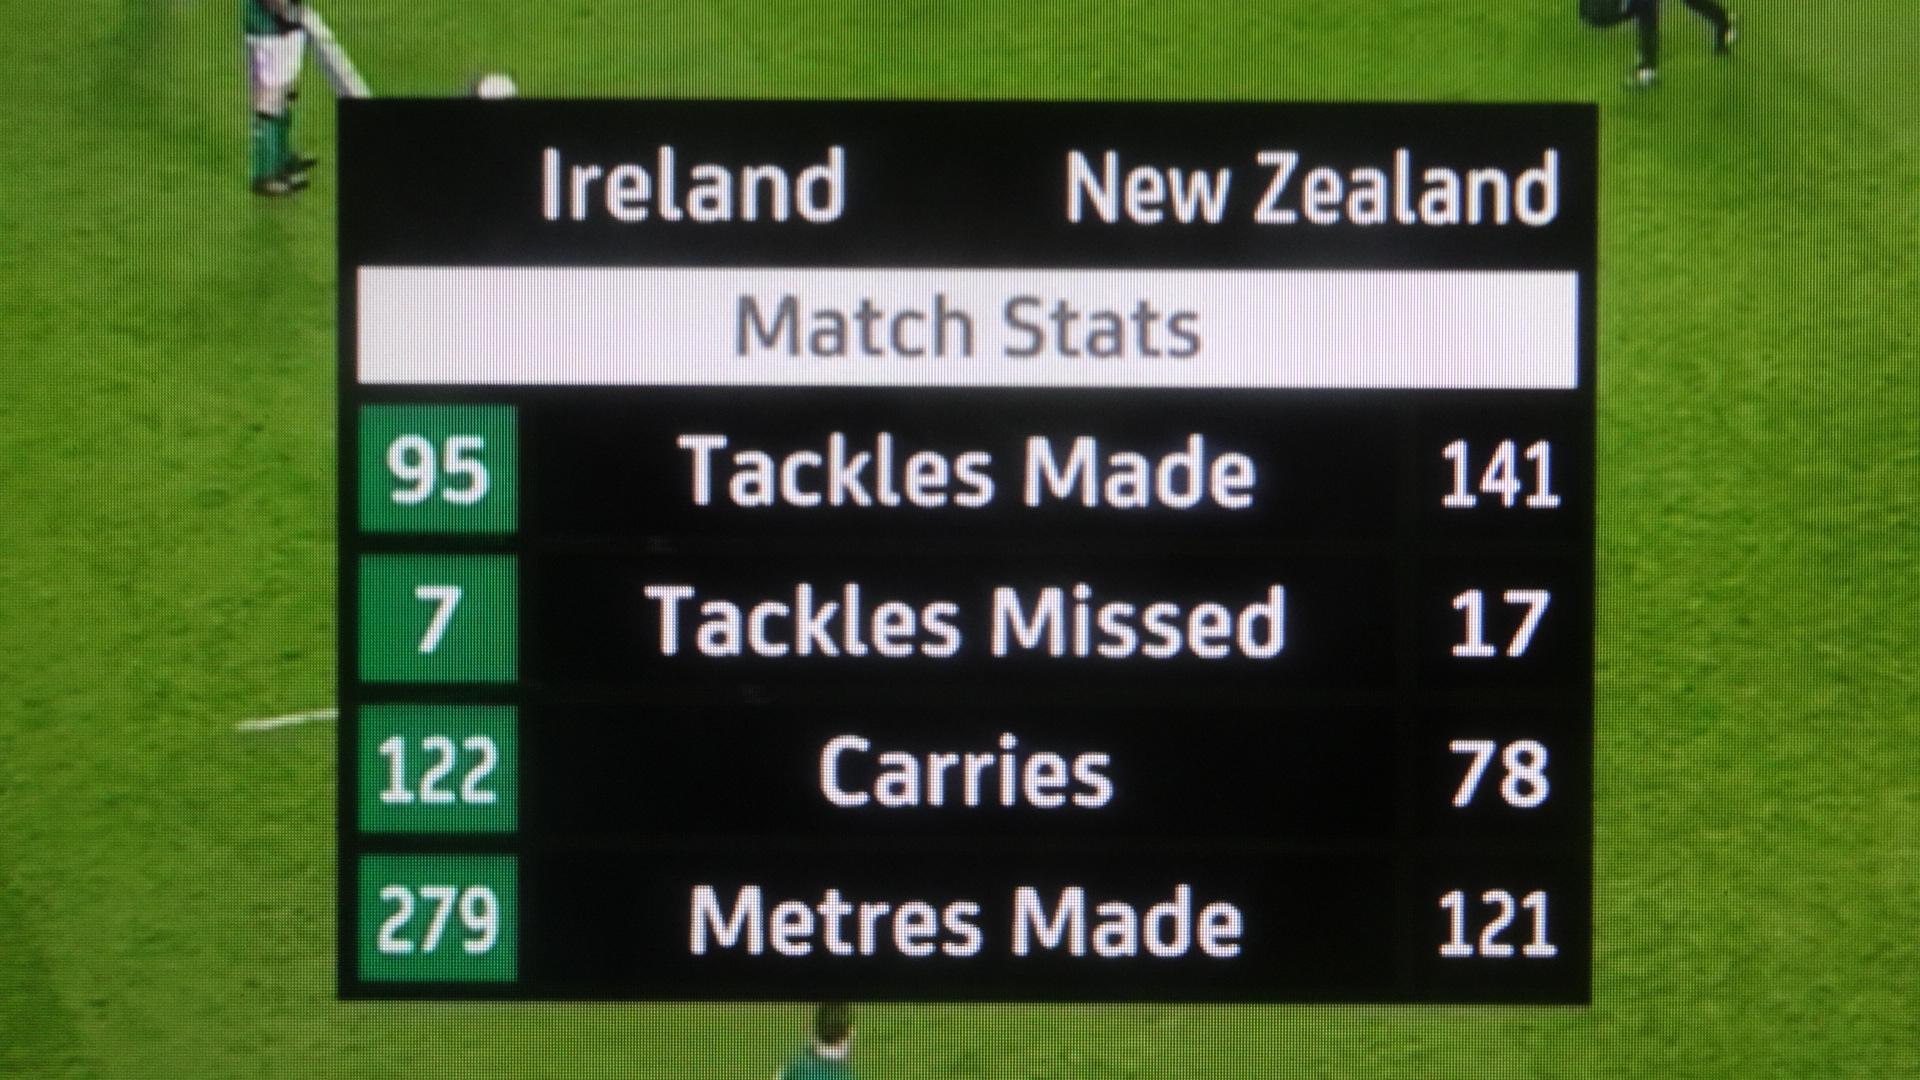 両チームのゲームの内容を示す表